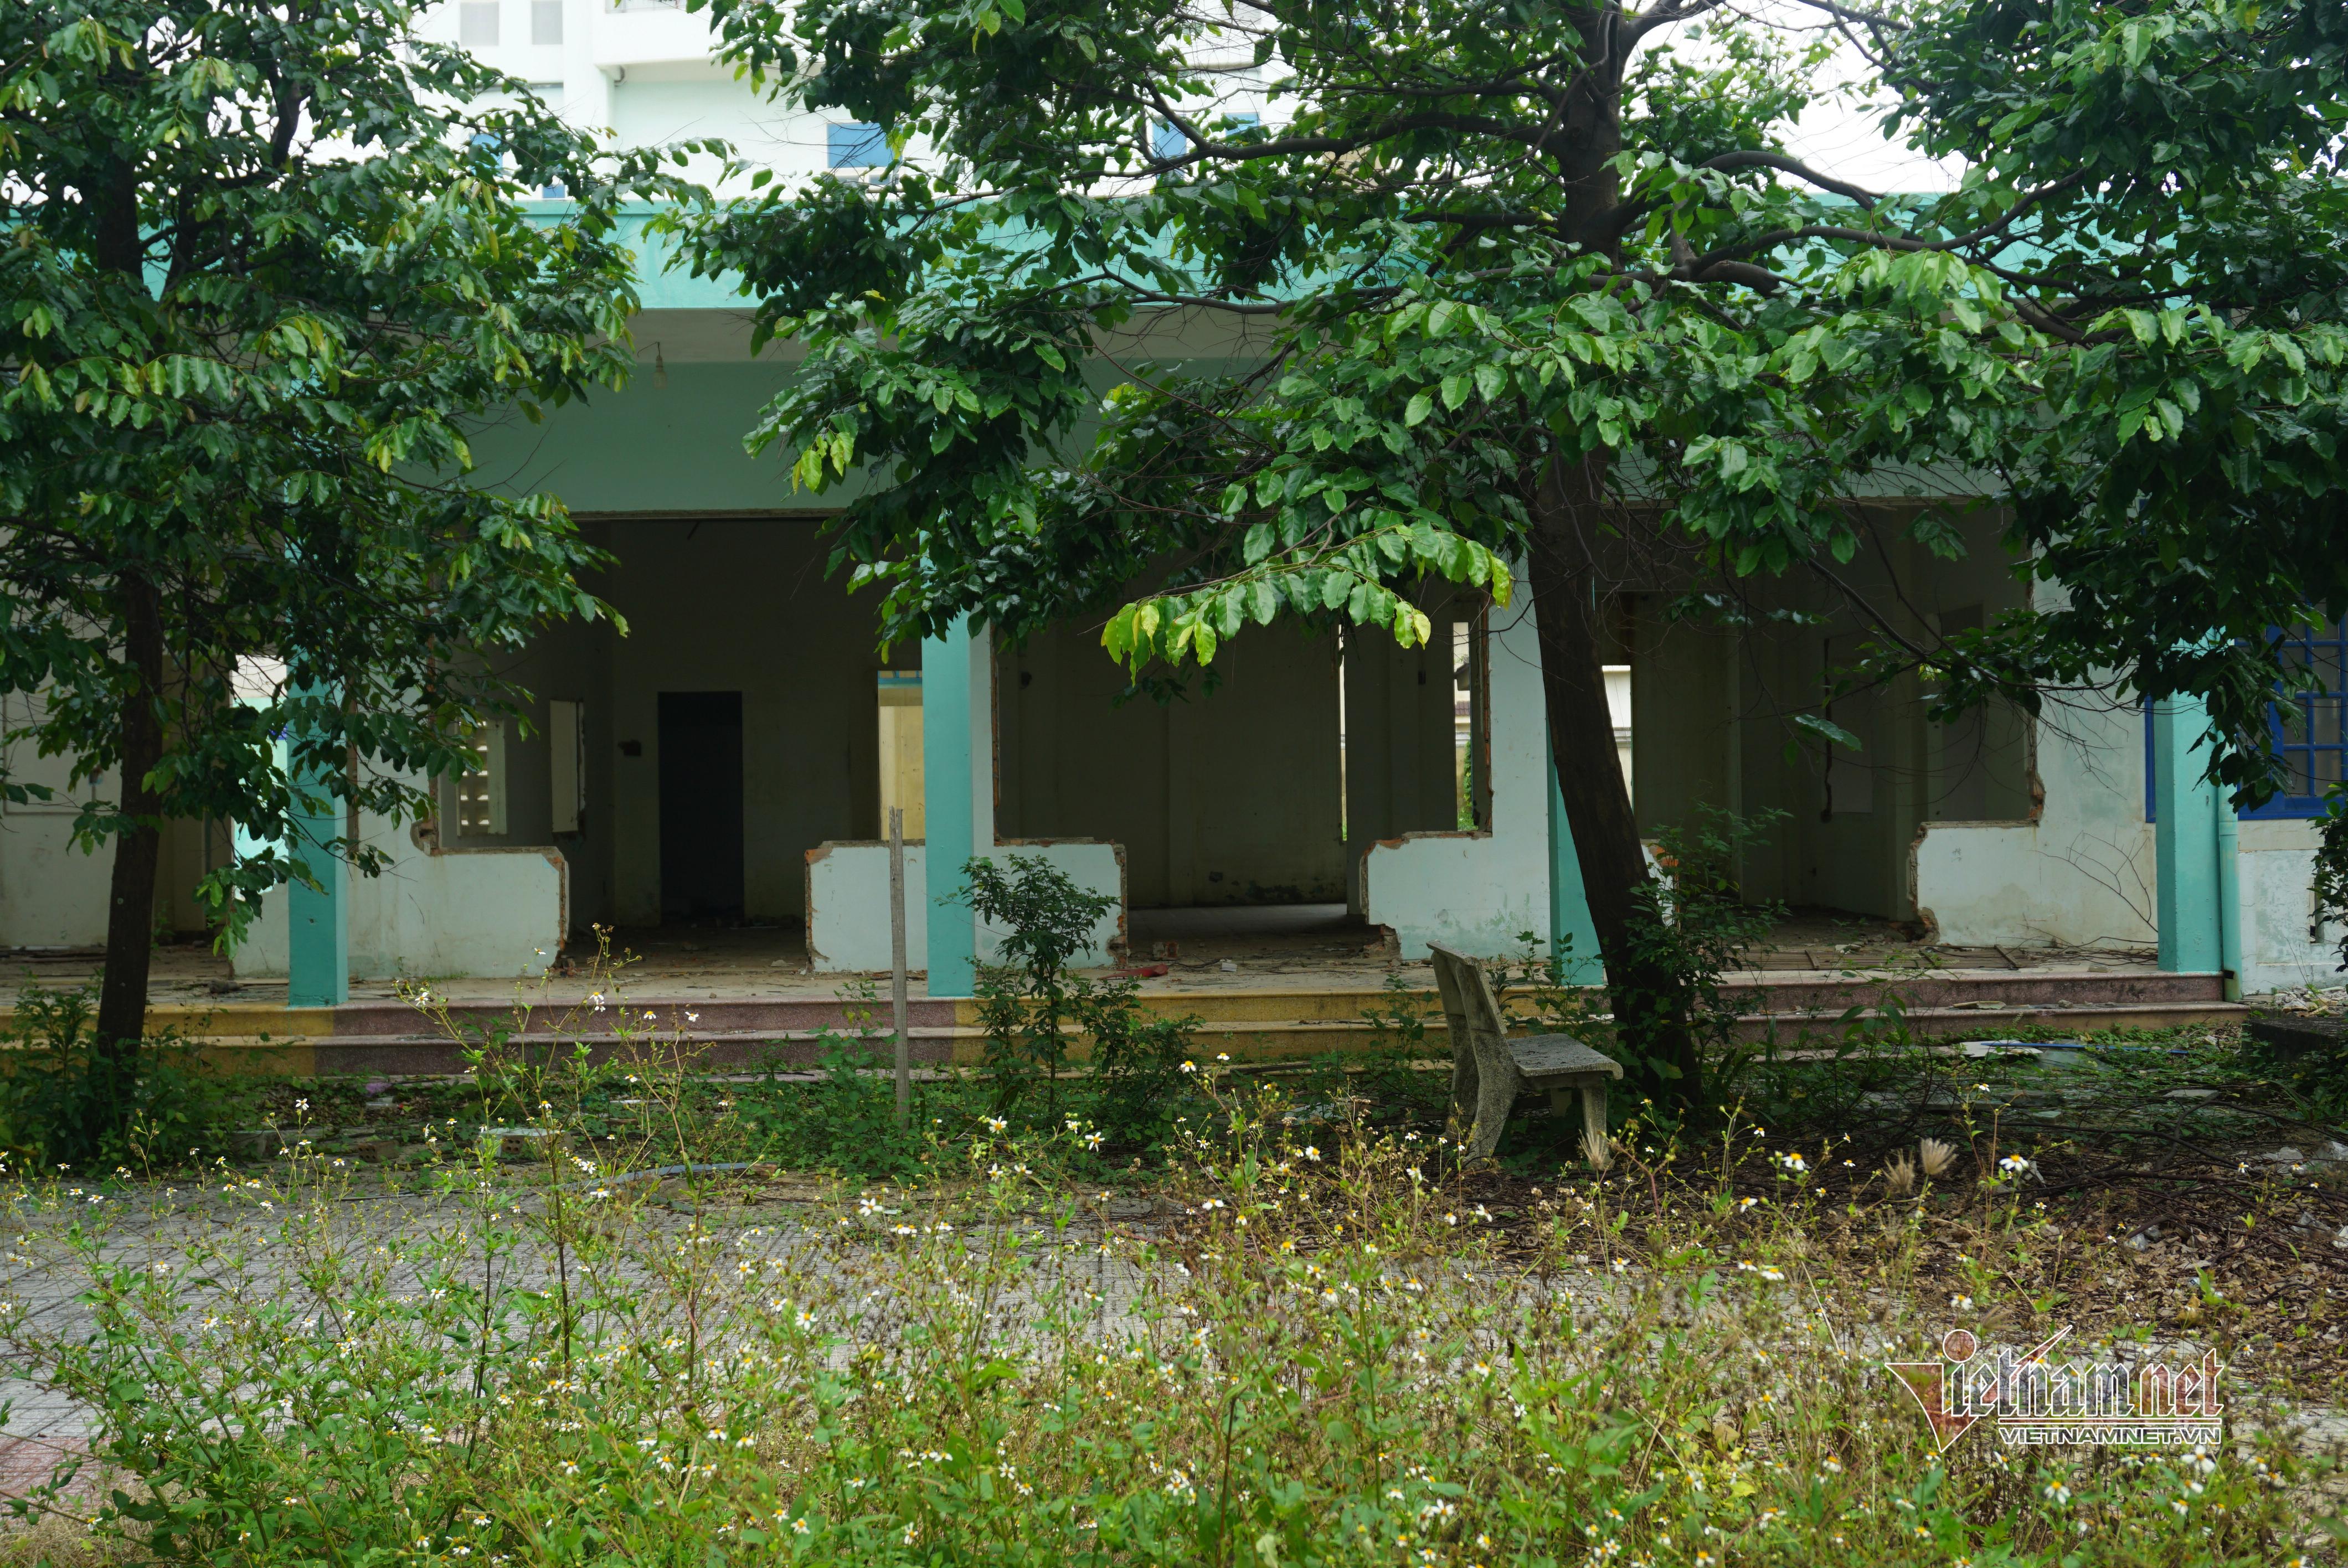 Video ảnh: Giữa khu đất vàng Đà Nẵng bệnh viện bỏ hoang, thành nơi phóng uế, vẽ bậy - 6